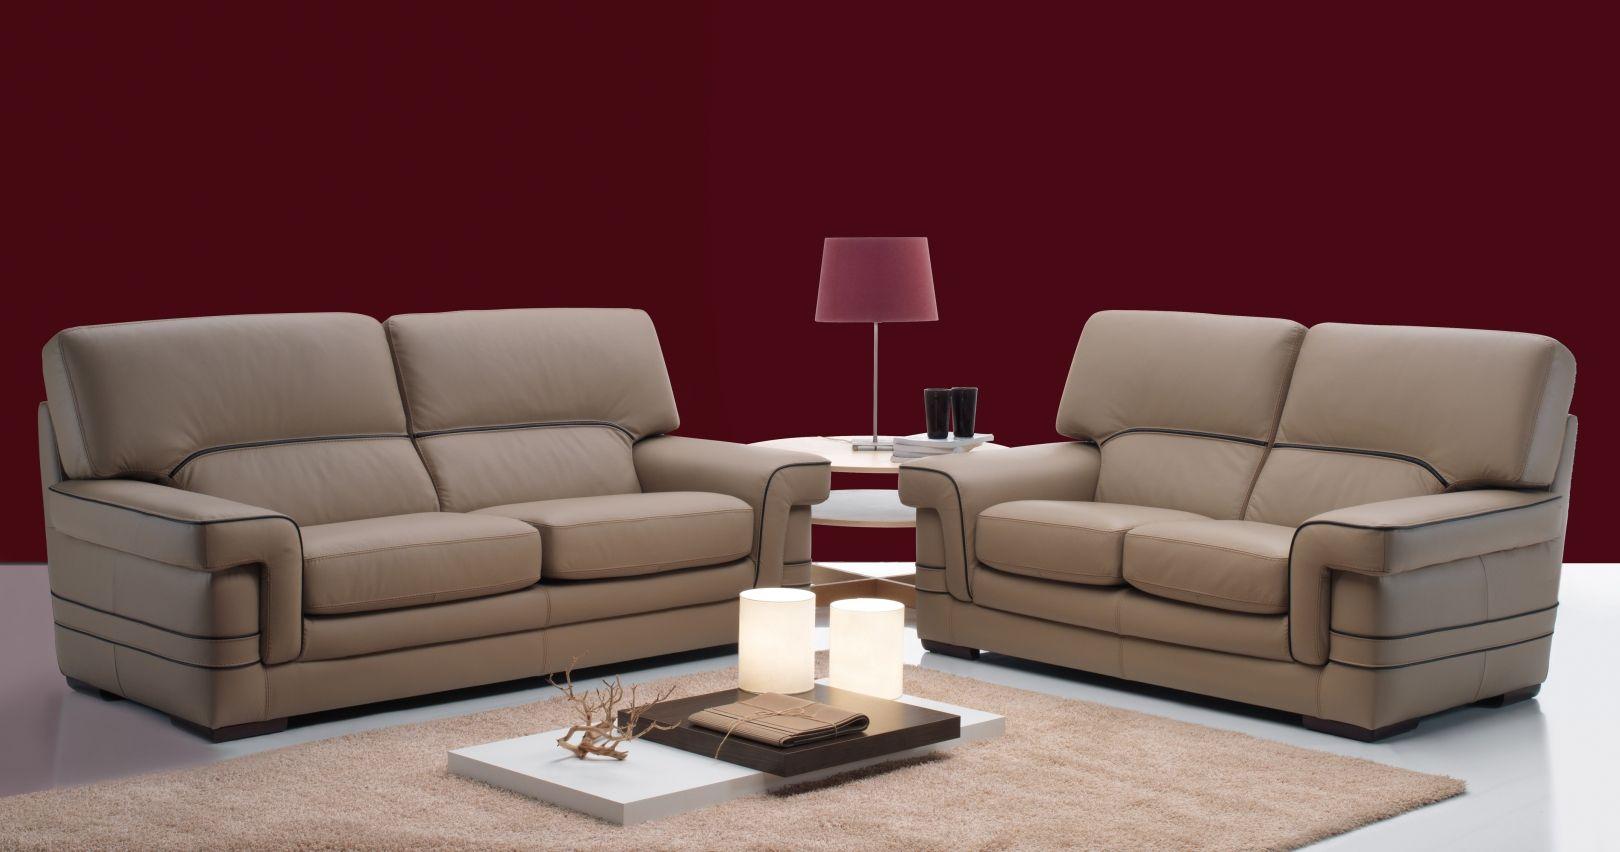 ensemble canap s 3 2 en cuir buffle hendrix. Black Bedroom Furniture Sets. Home Design Ideas